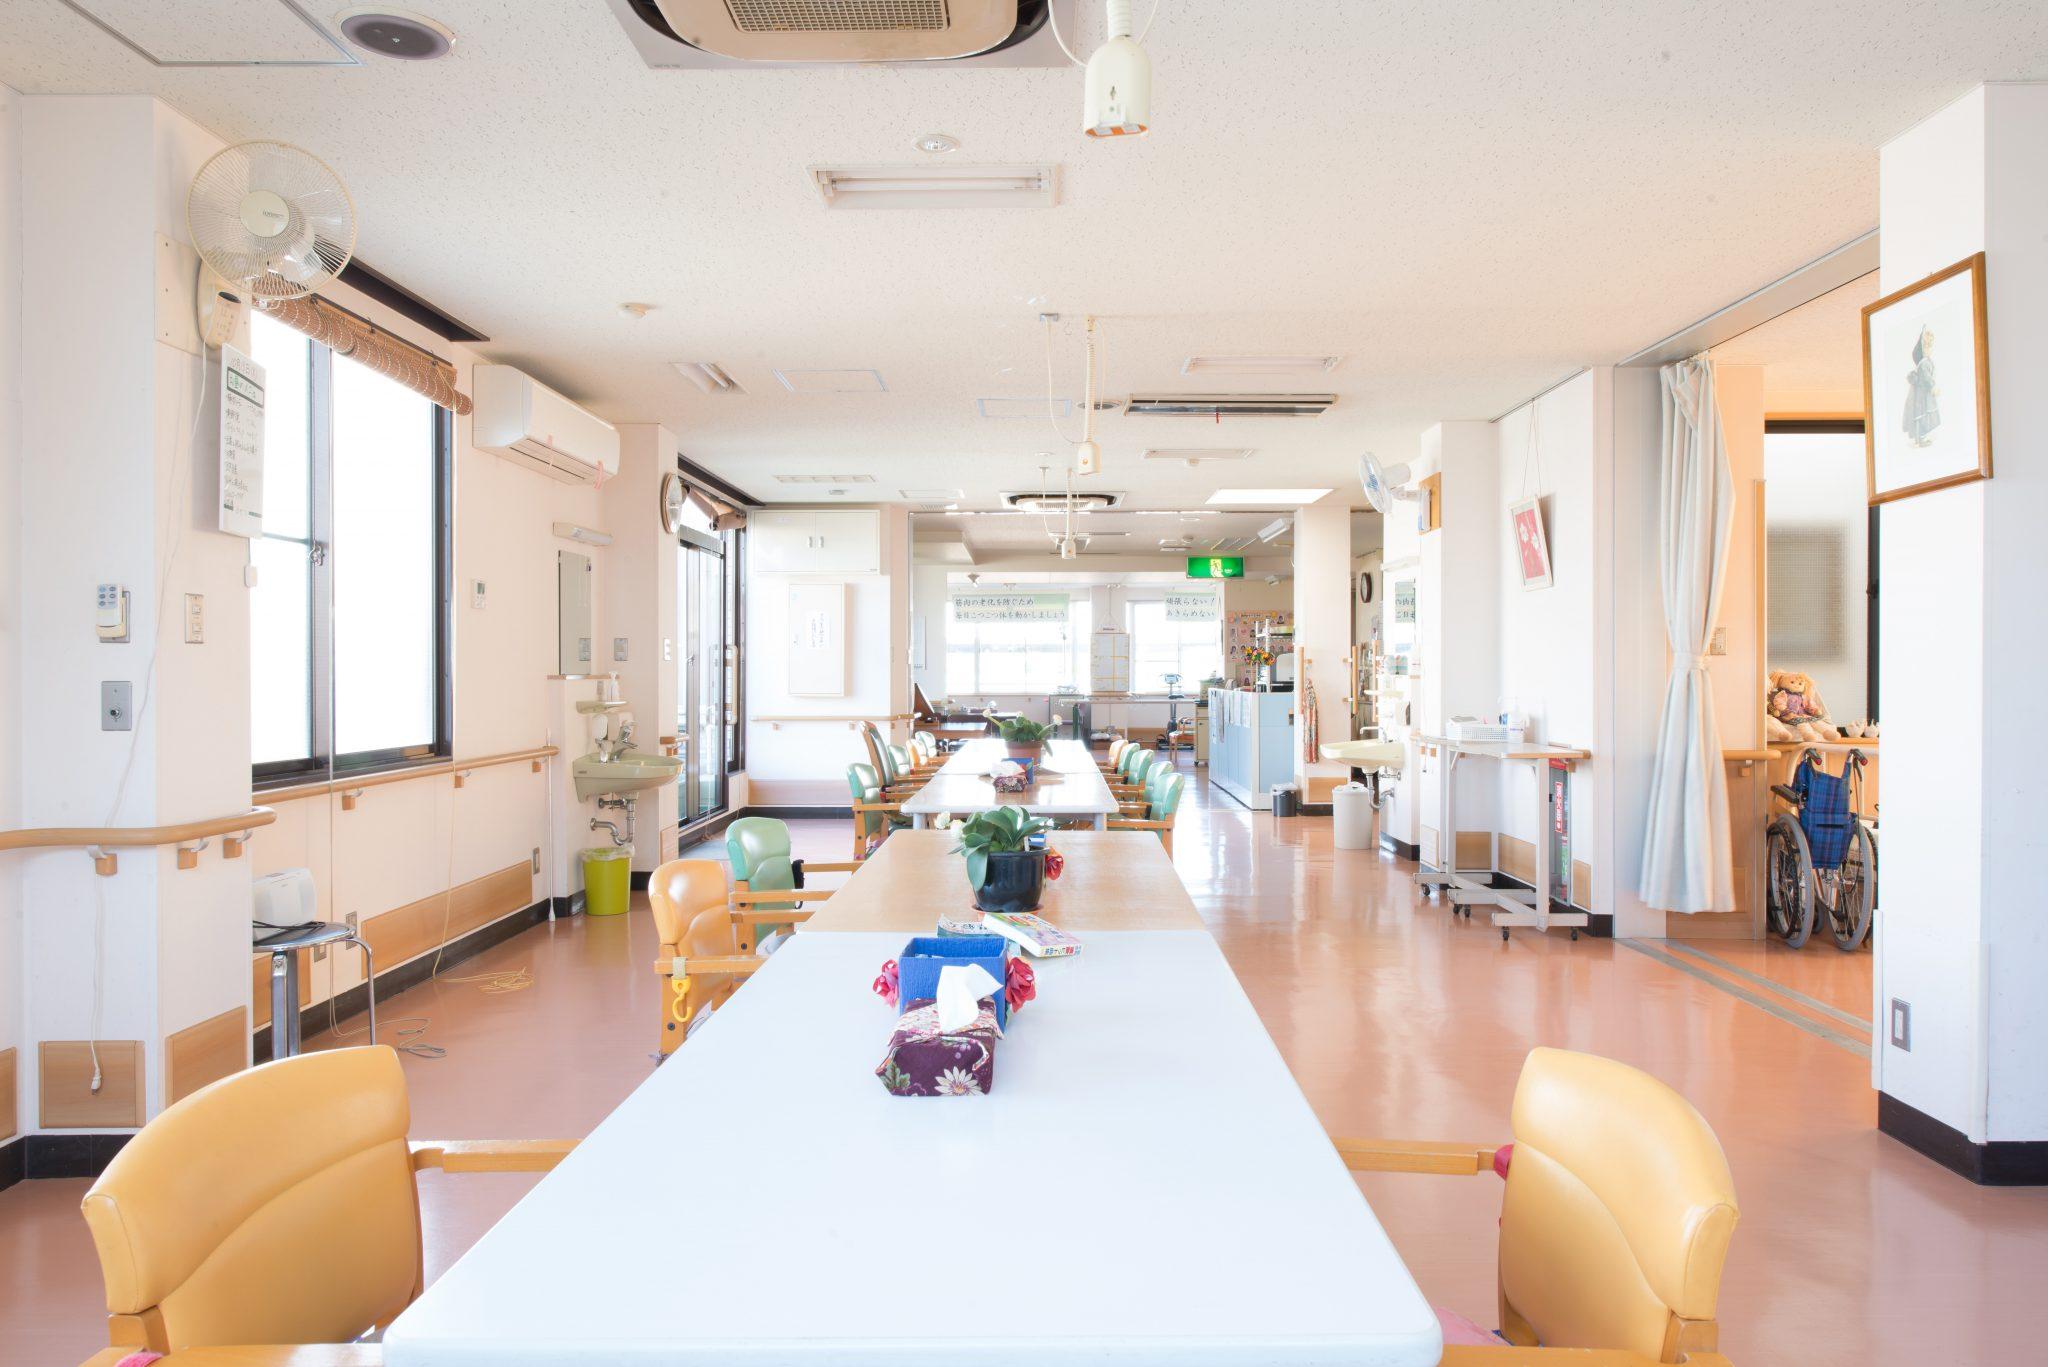 国府台のクリニック -リノベーション-|Orthopedics of Konodai by the renovation-DSC_5909